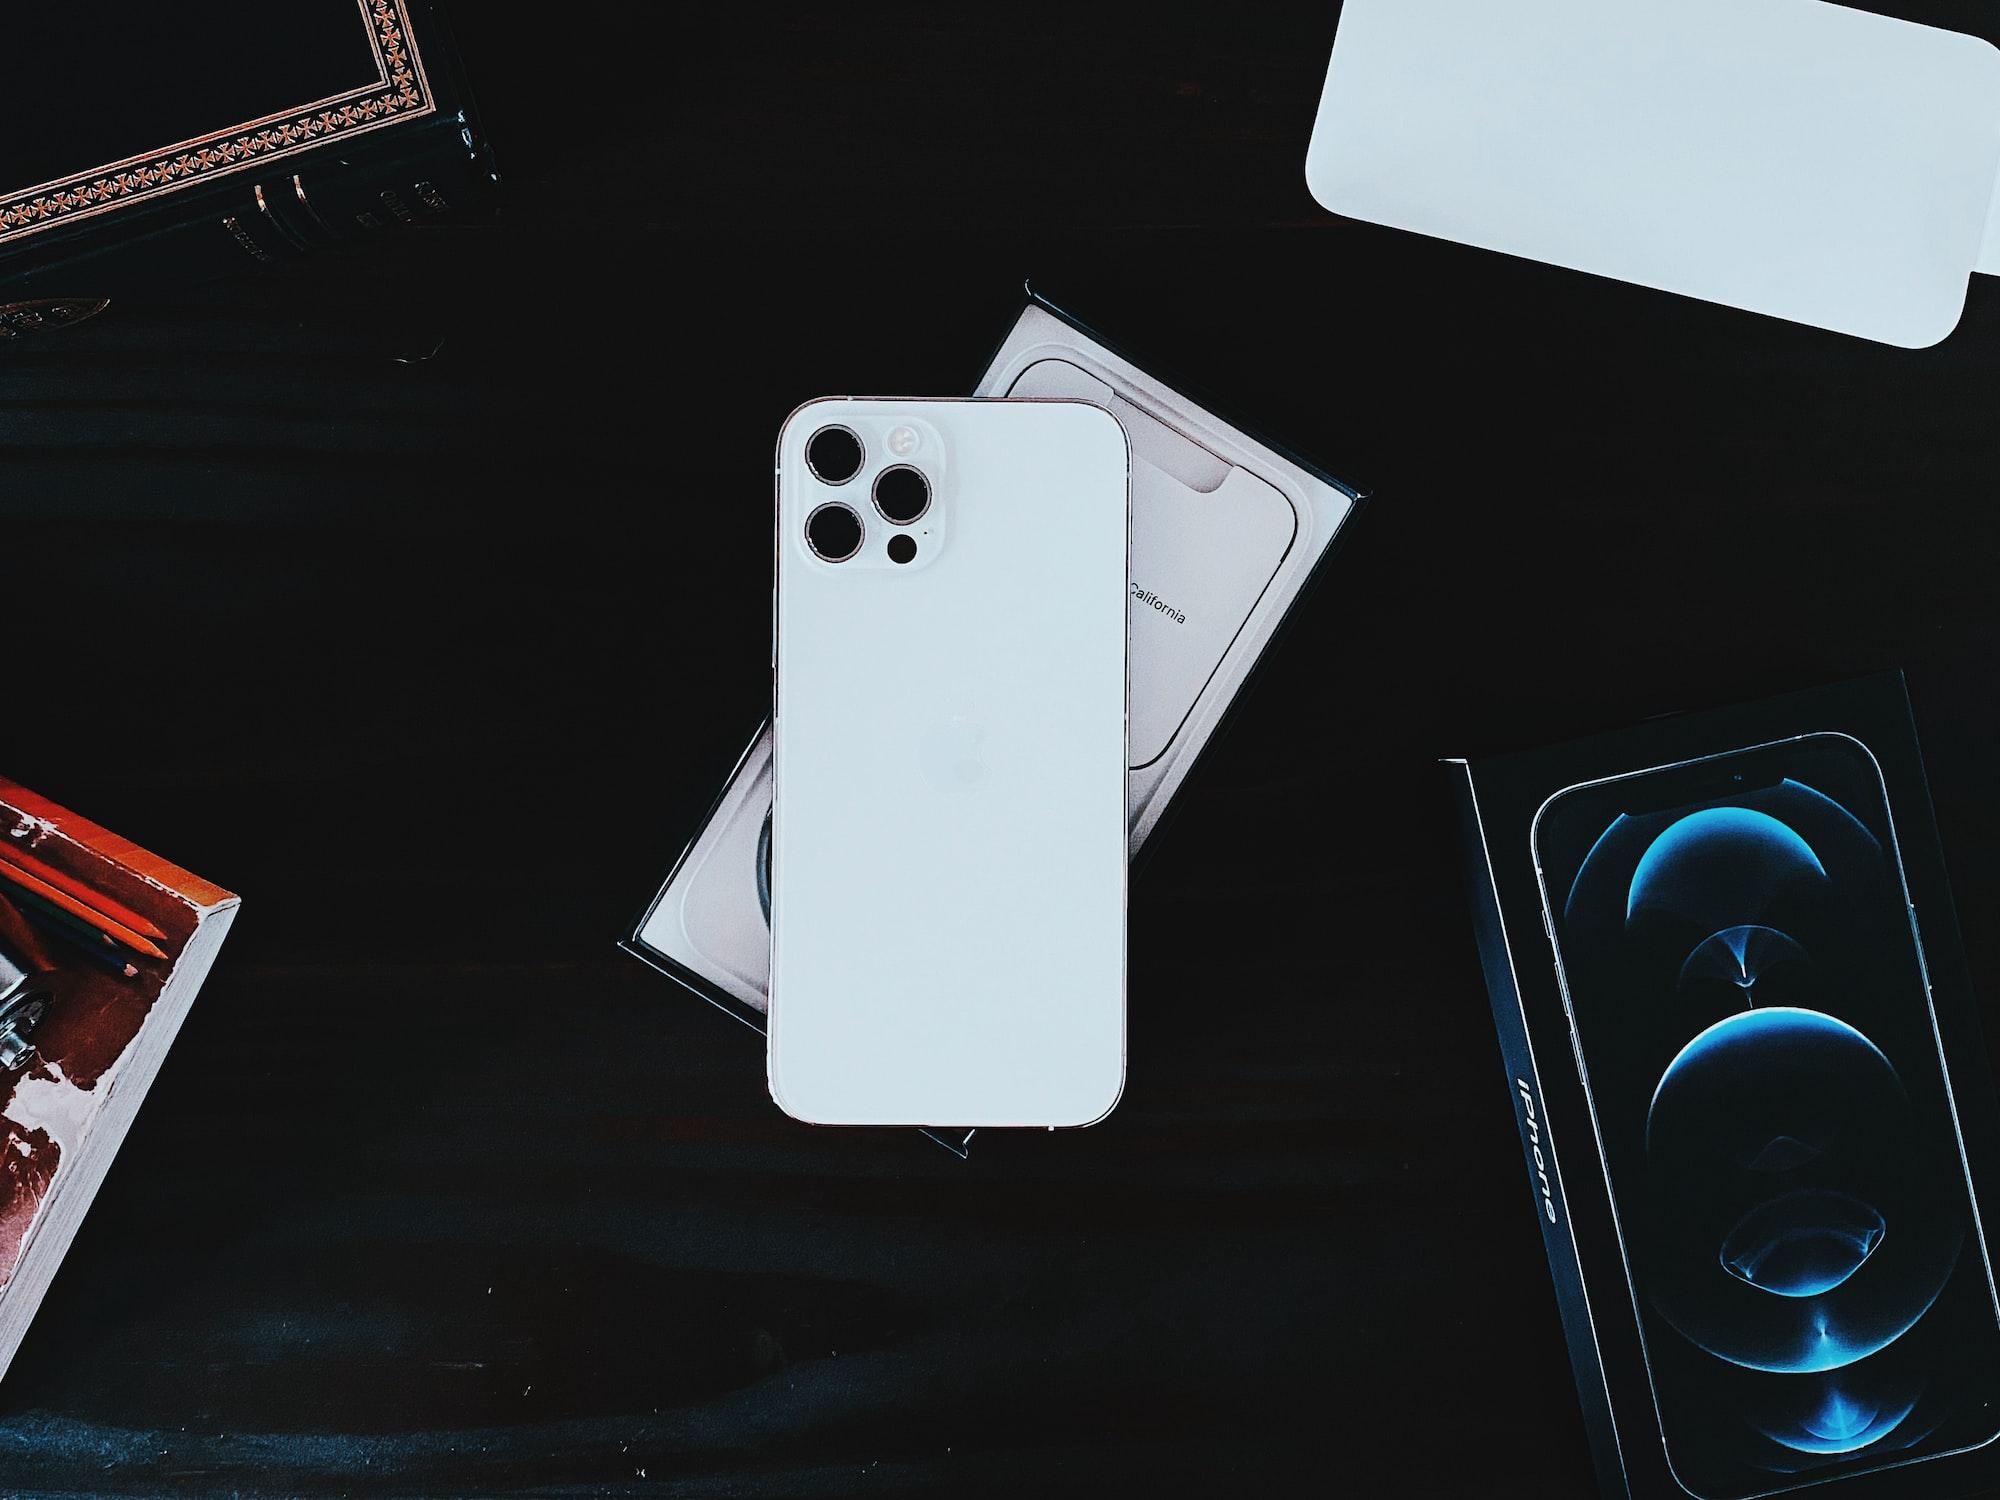 Quando serão lançados os novos iPhones?